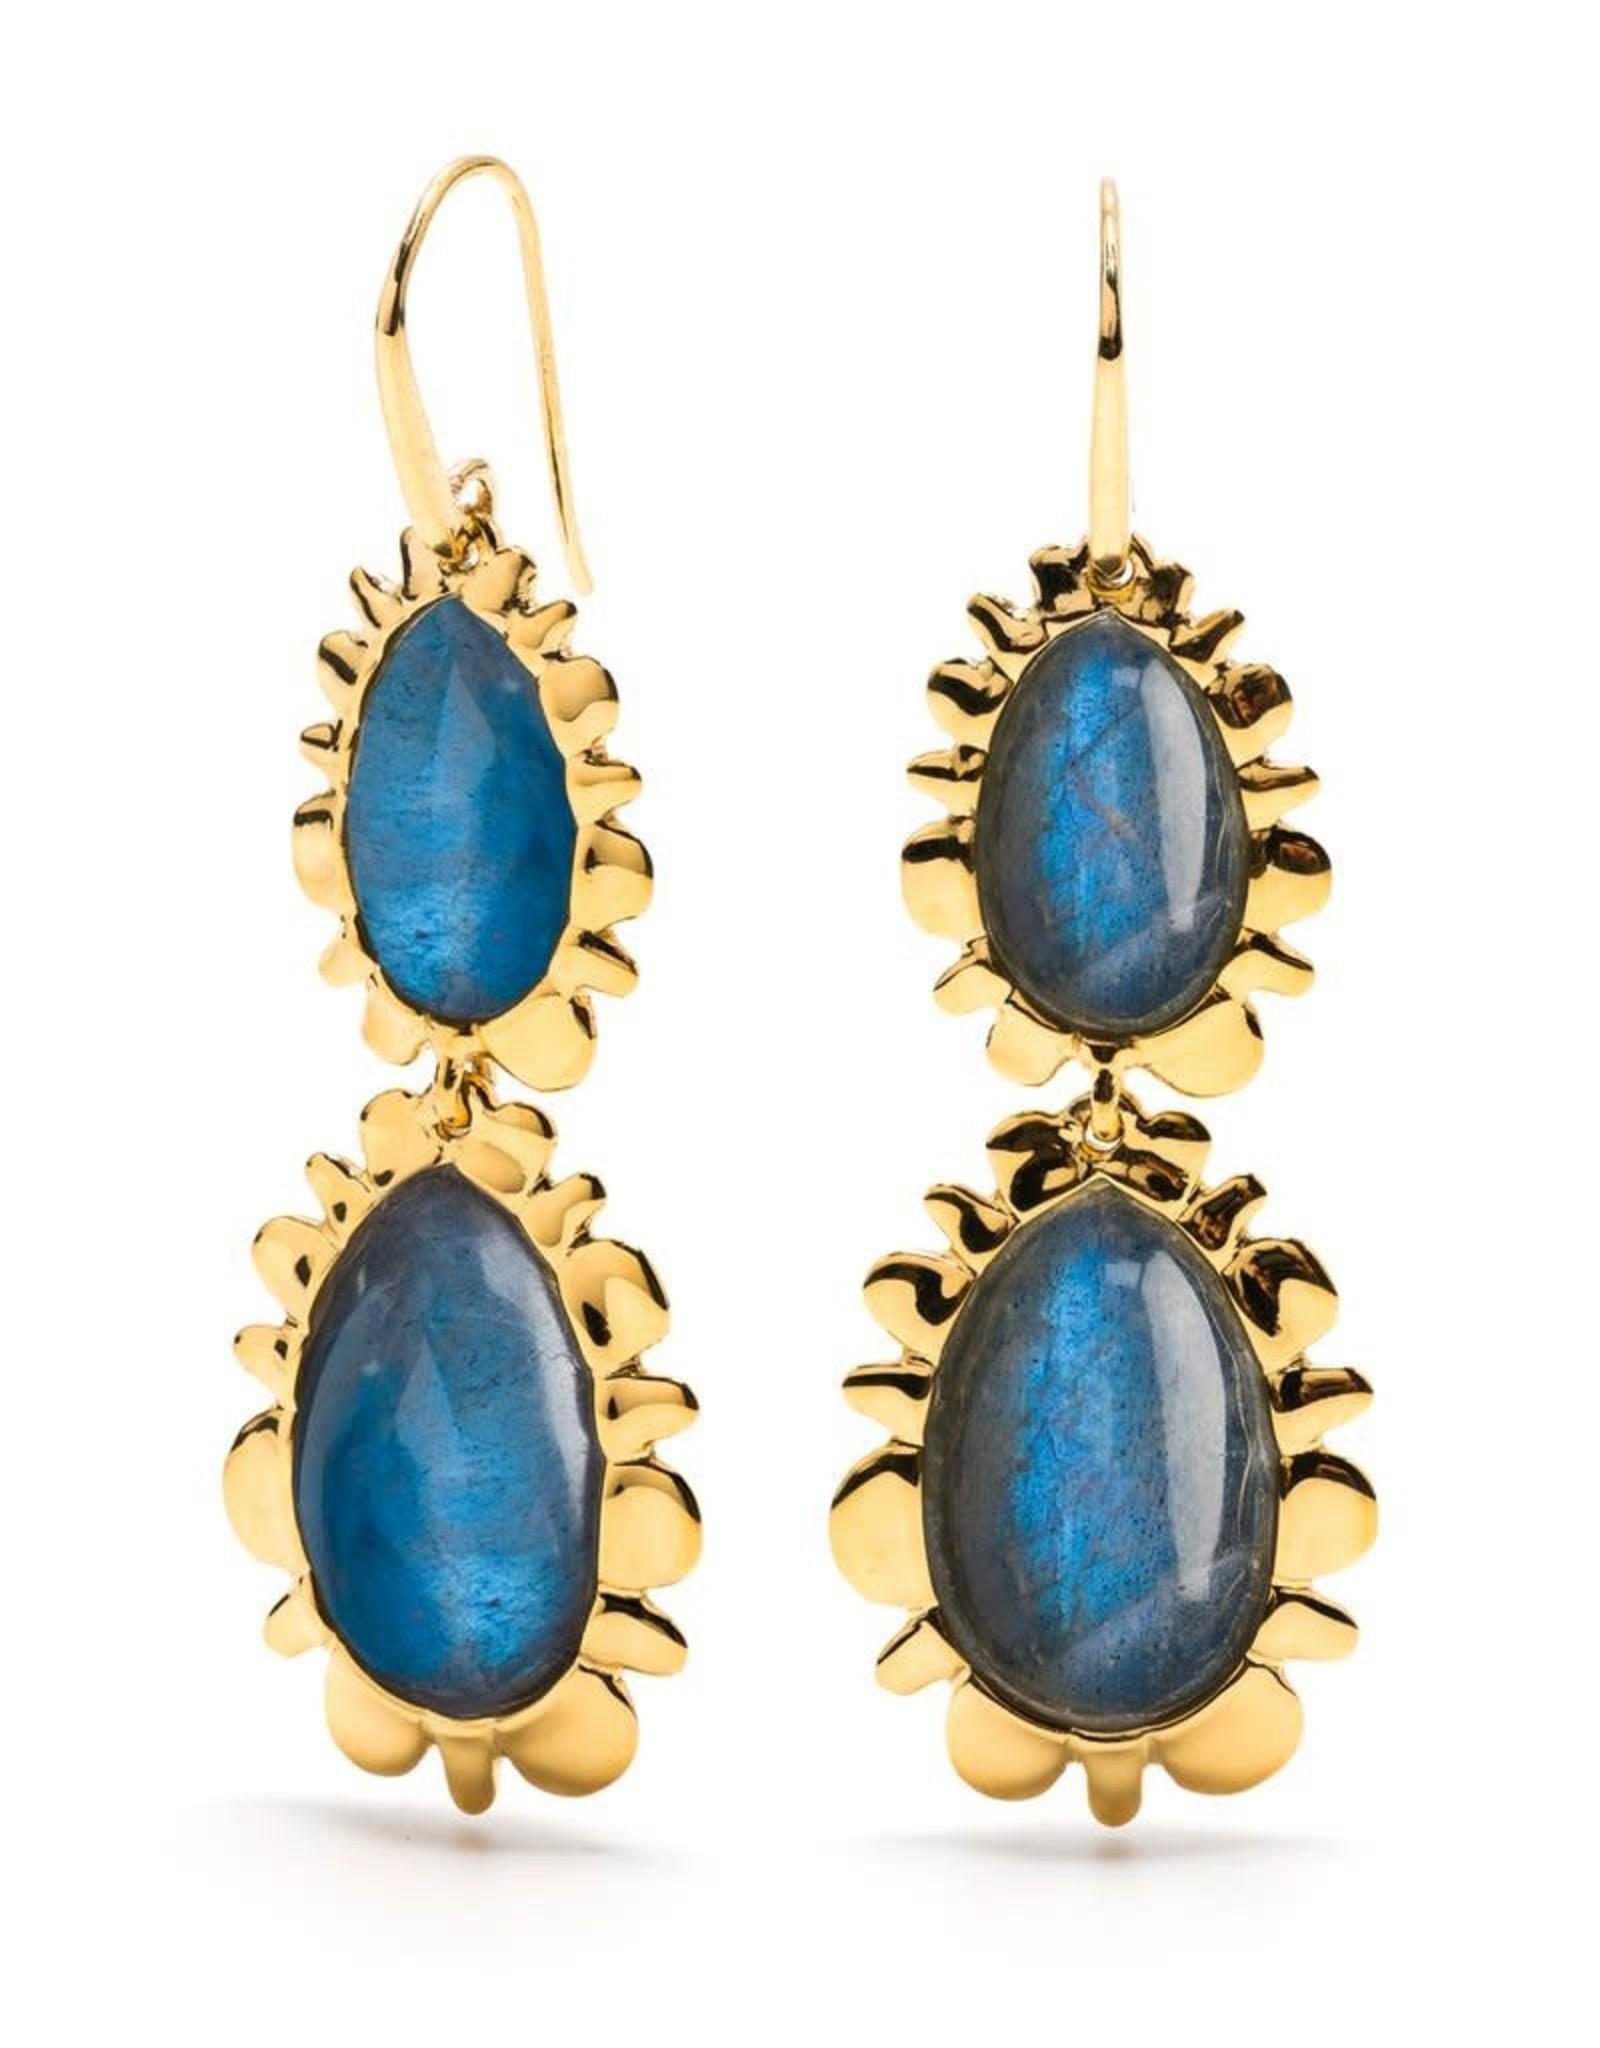 Gifts Bohemienne Double Bliss Earring Blue Labradorite